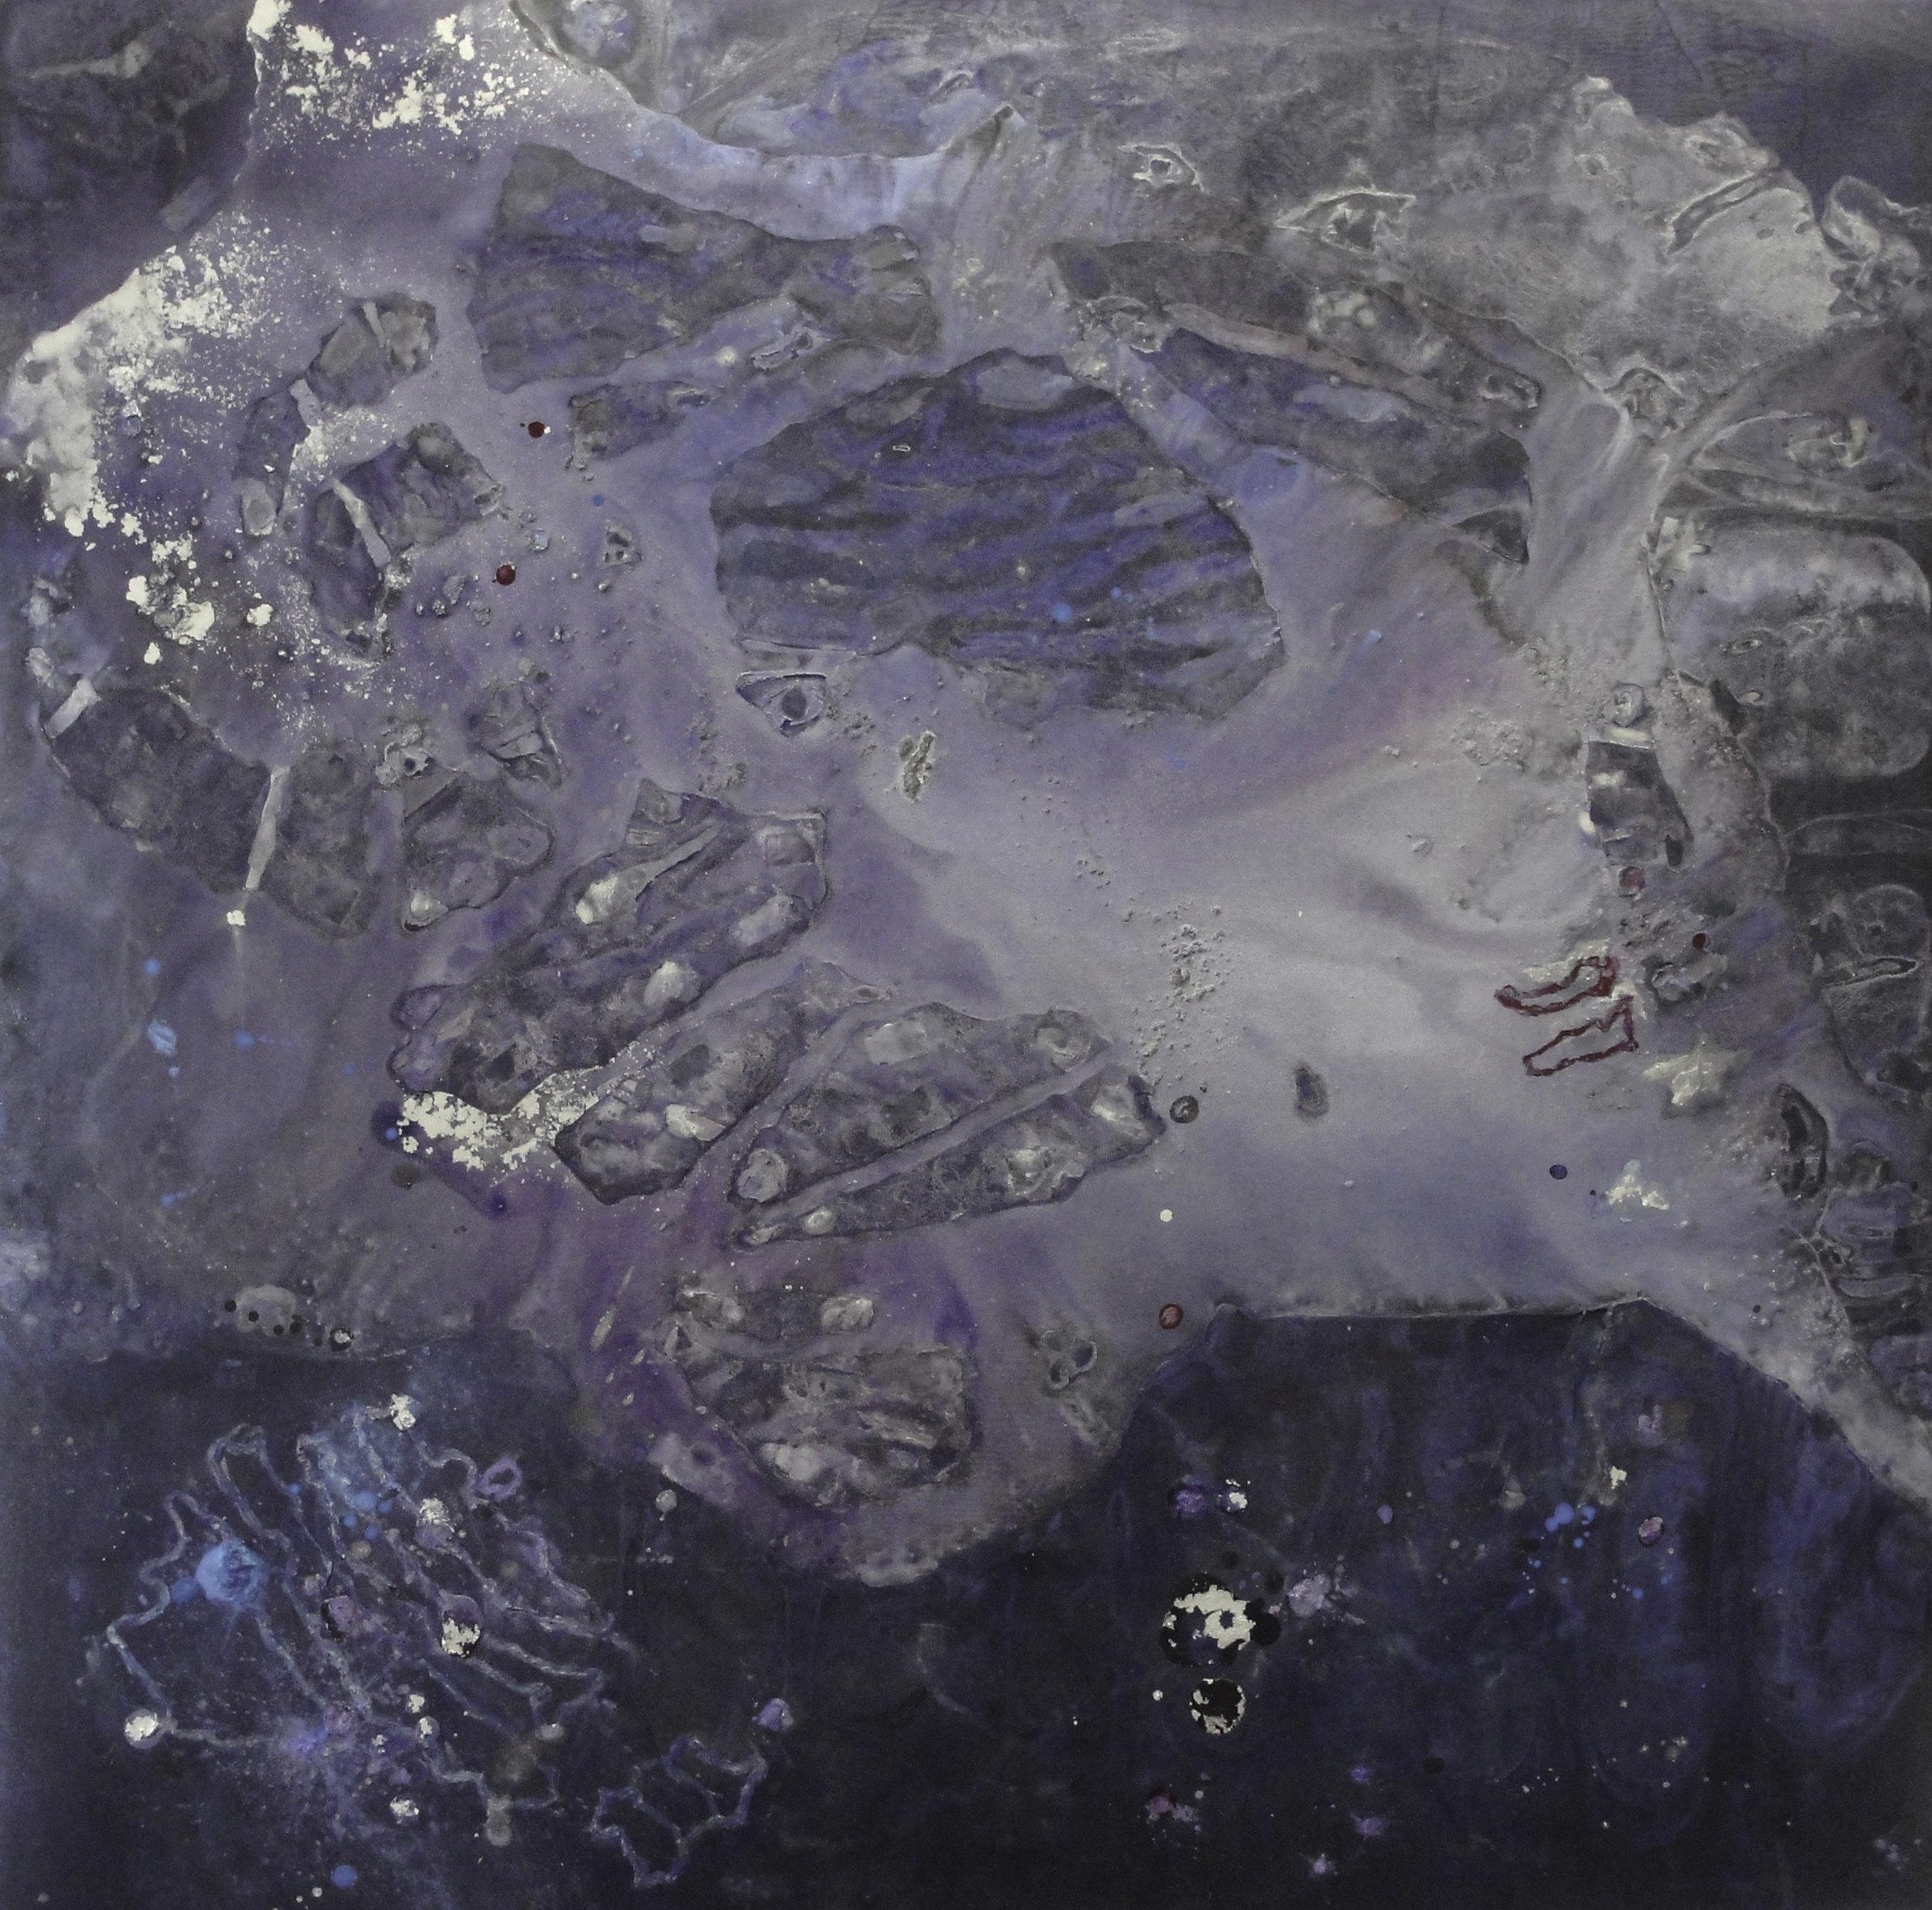 """Ripple,  2012  Duralar, enamel, ink, gouache. 20"""" x 20"""""""